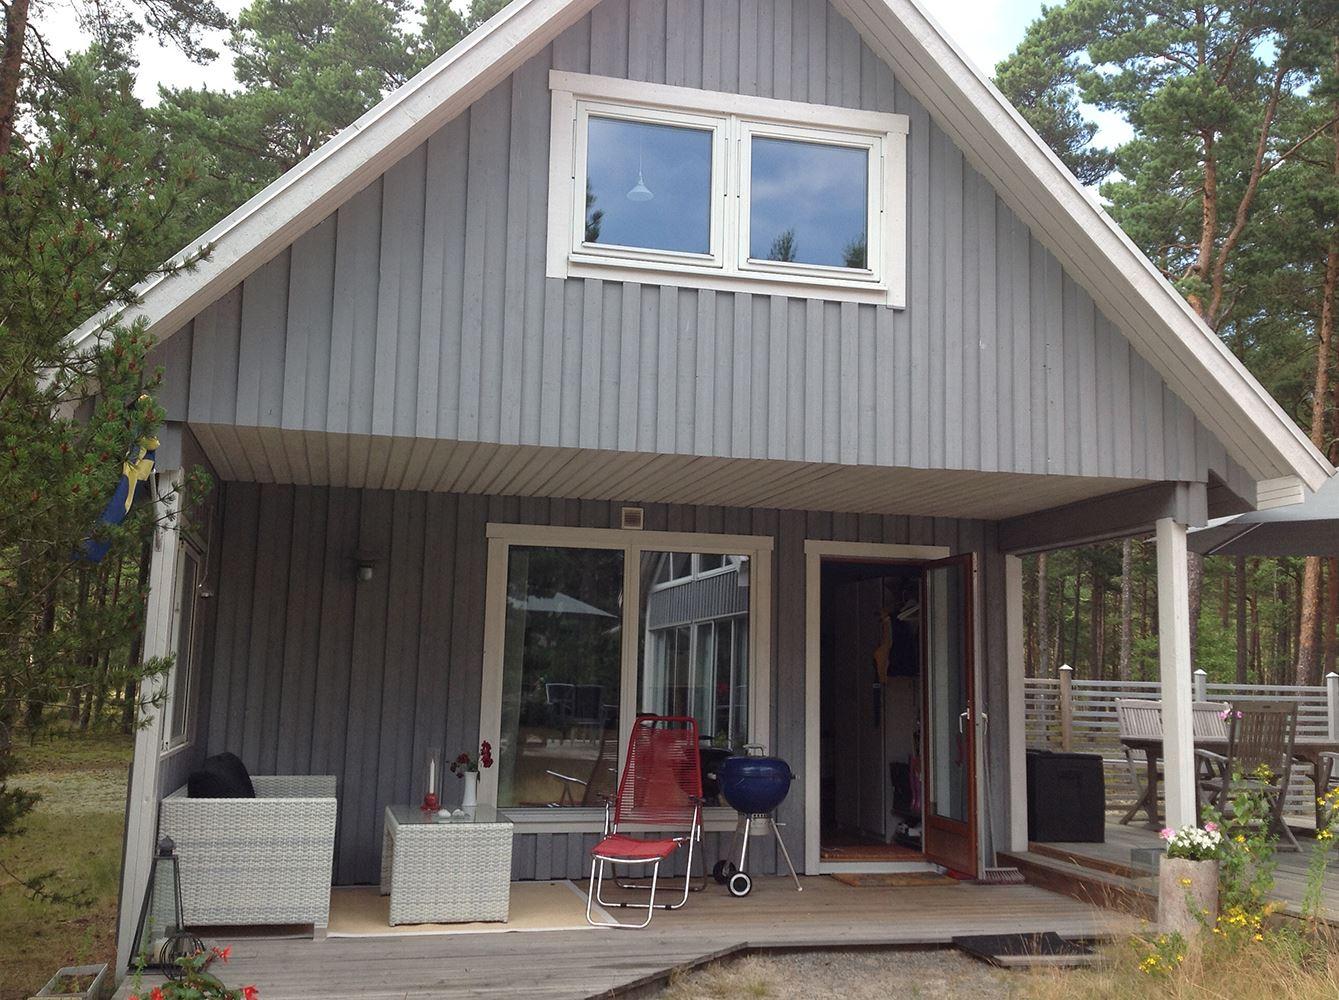 Gäststuga - Yngsjö strand (Ingrid Hultman)